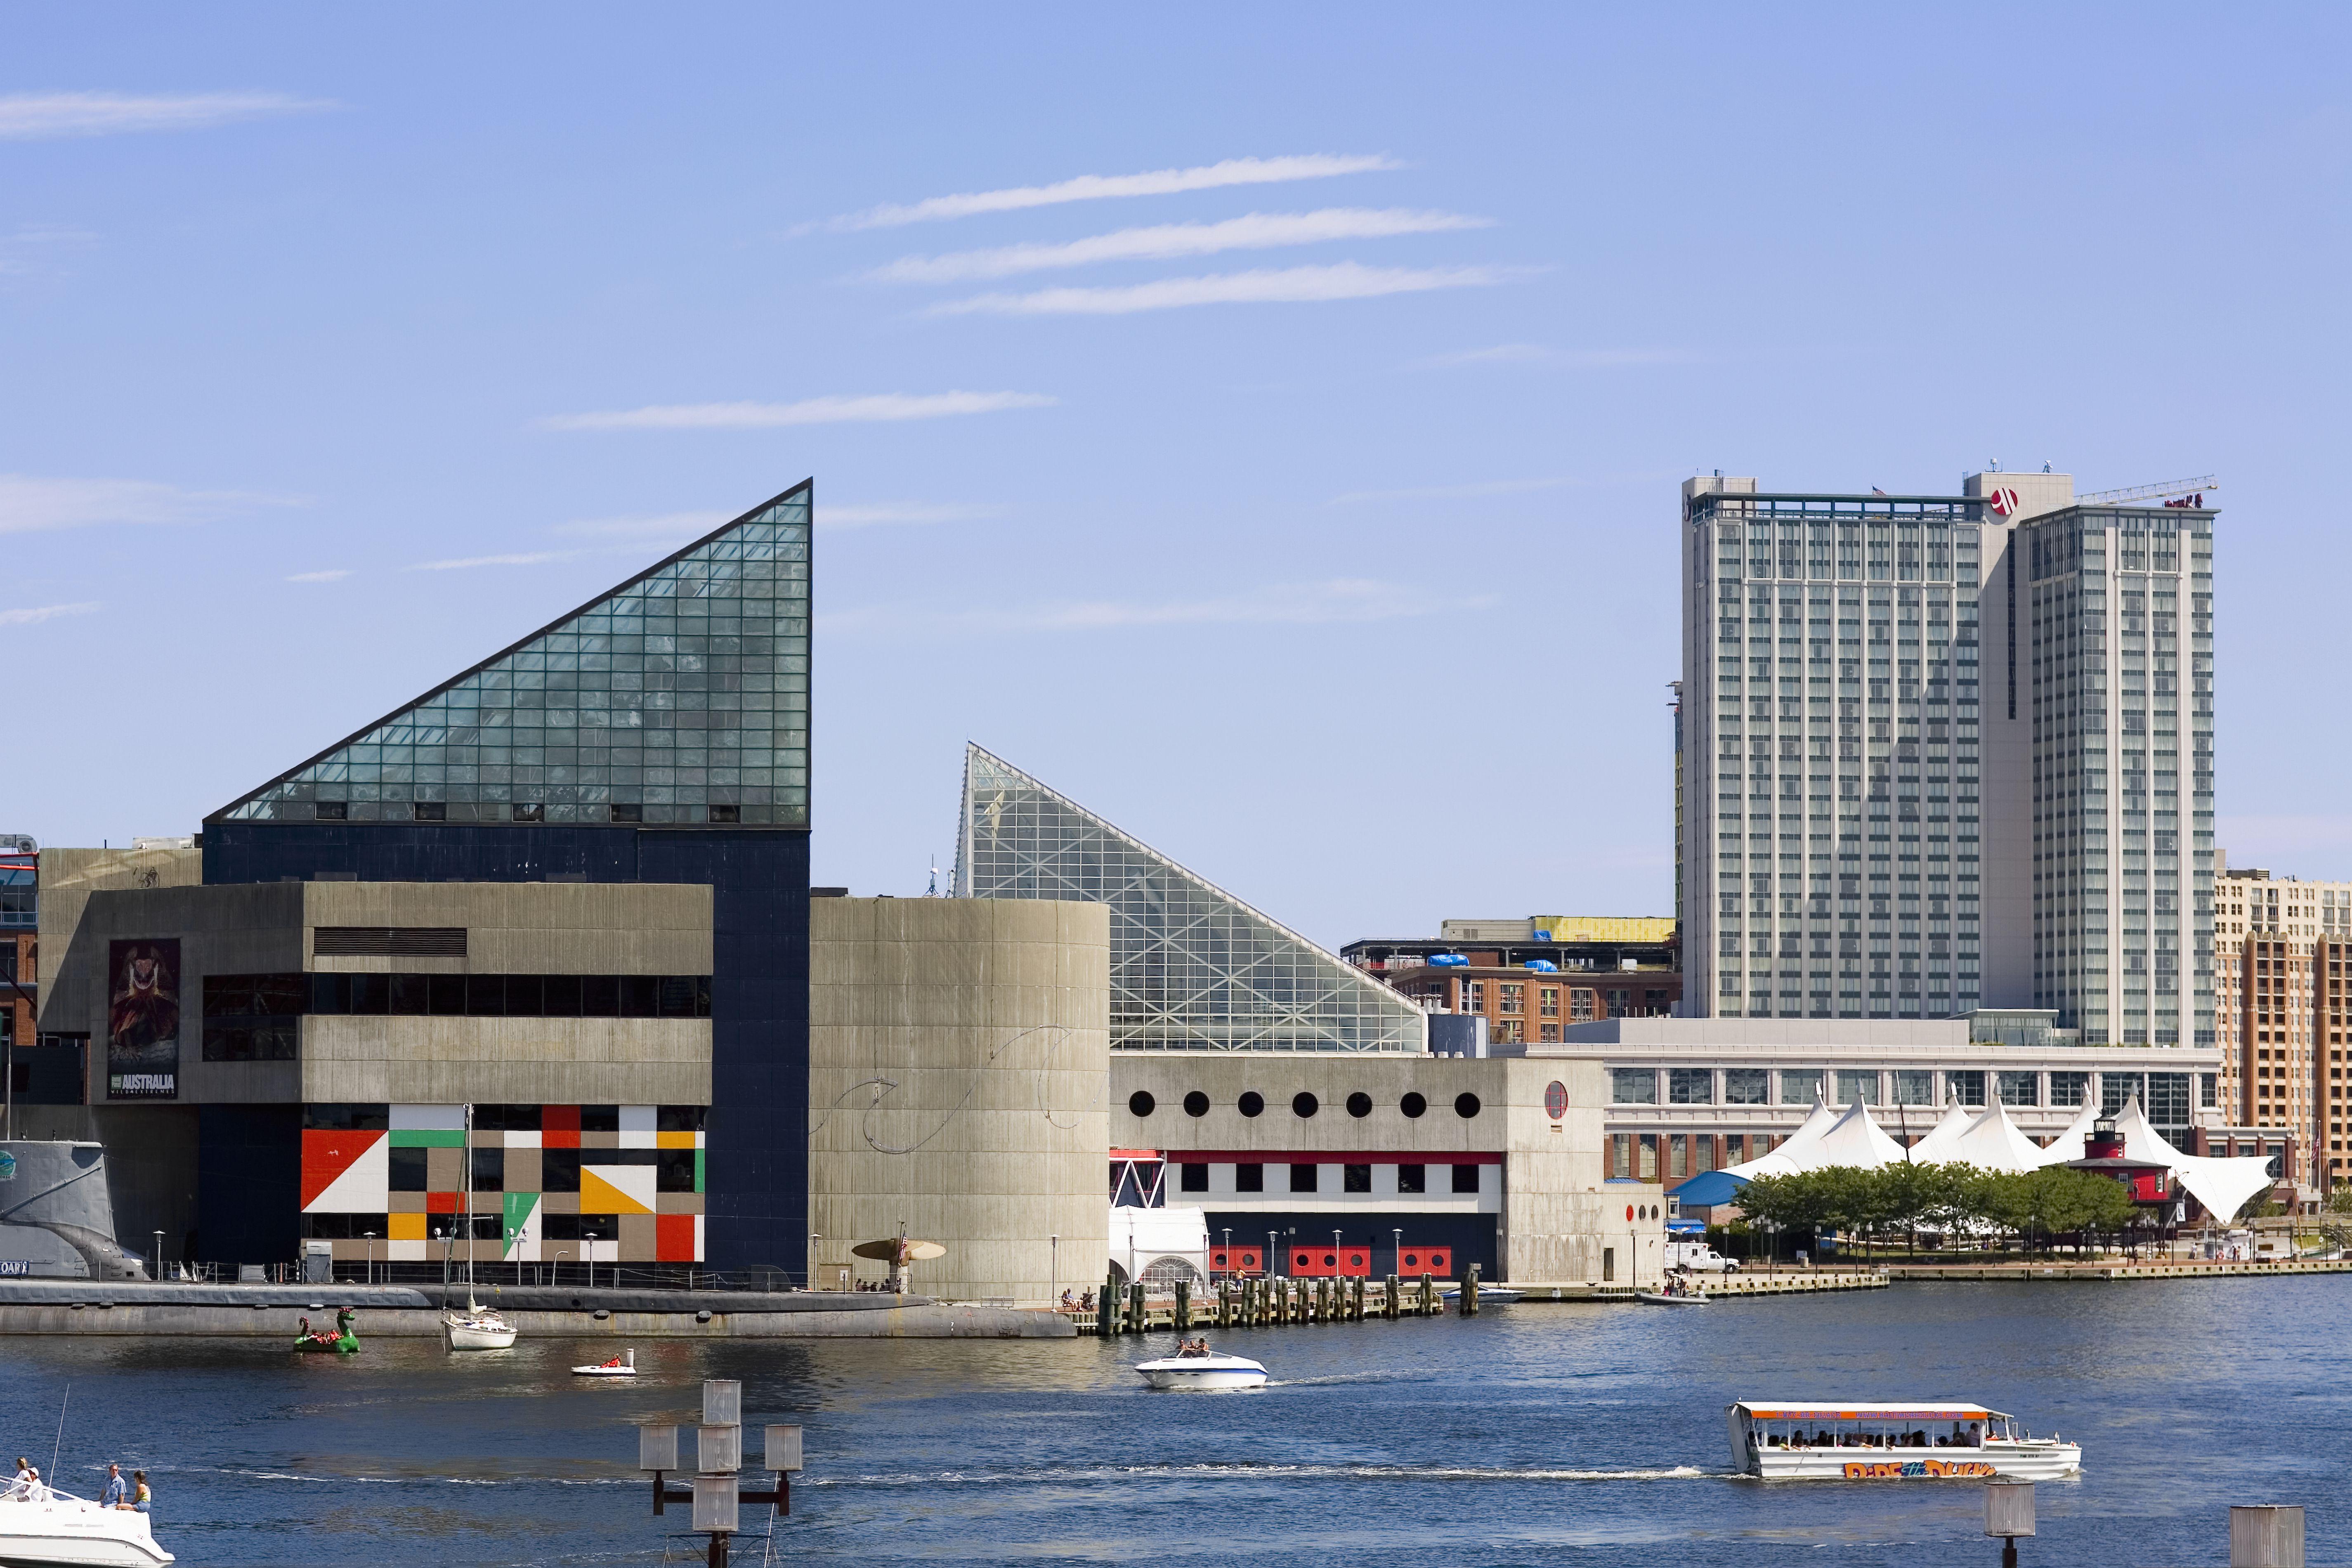 The Baltimore Aquarium Dolphin Show